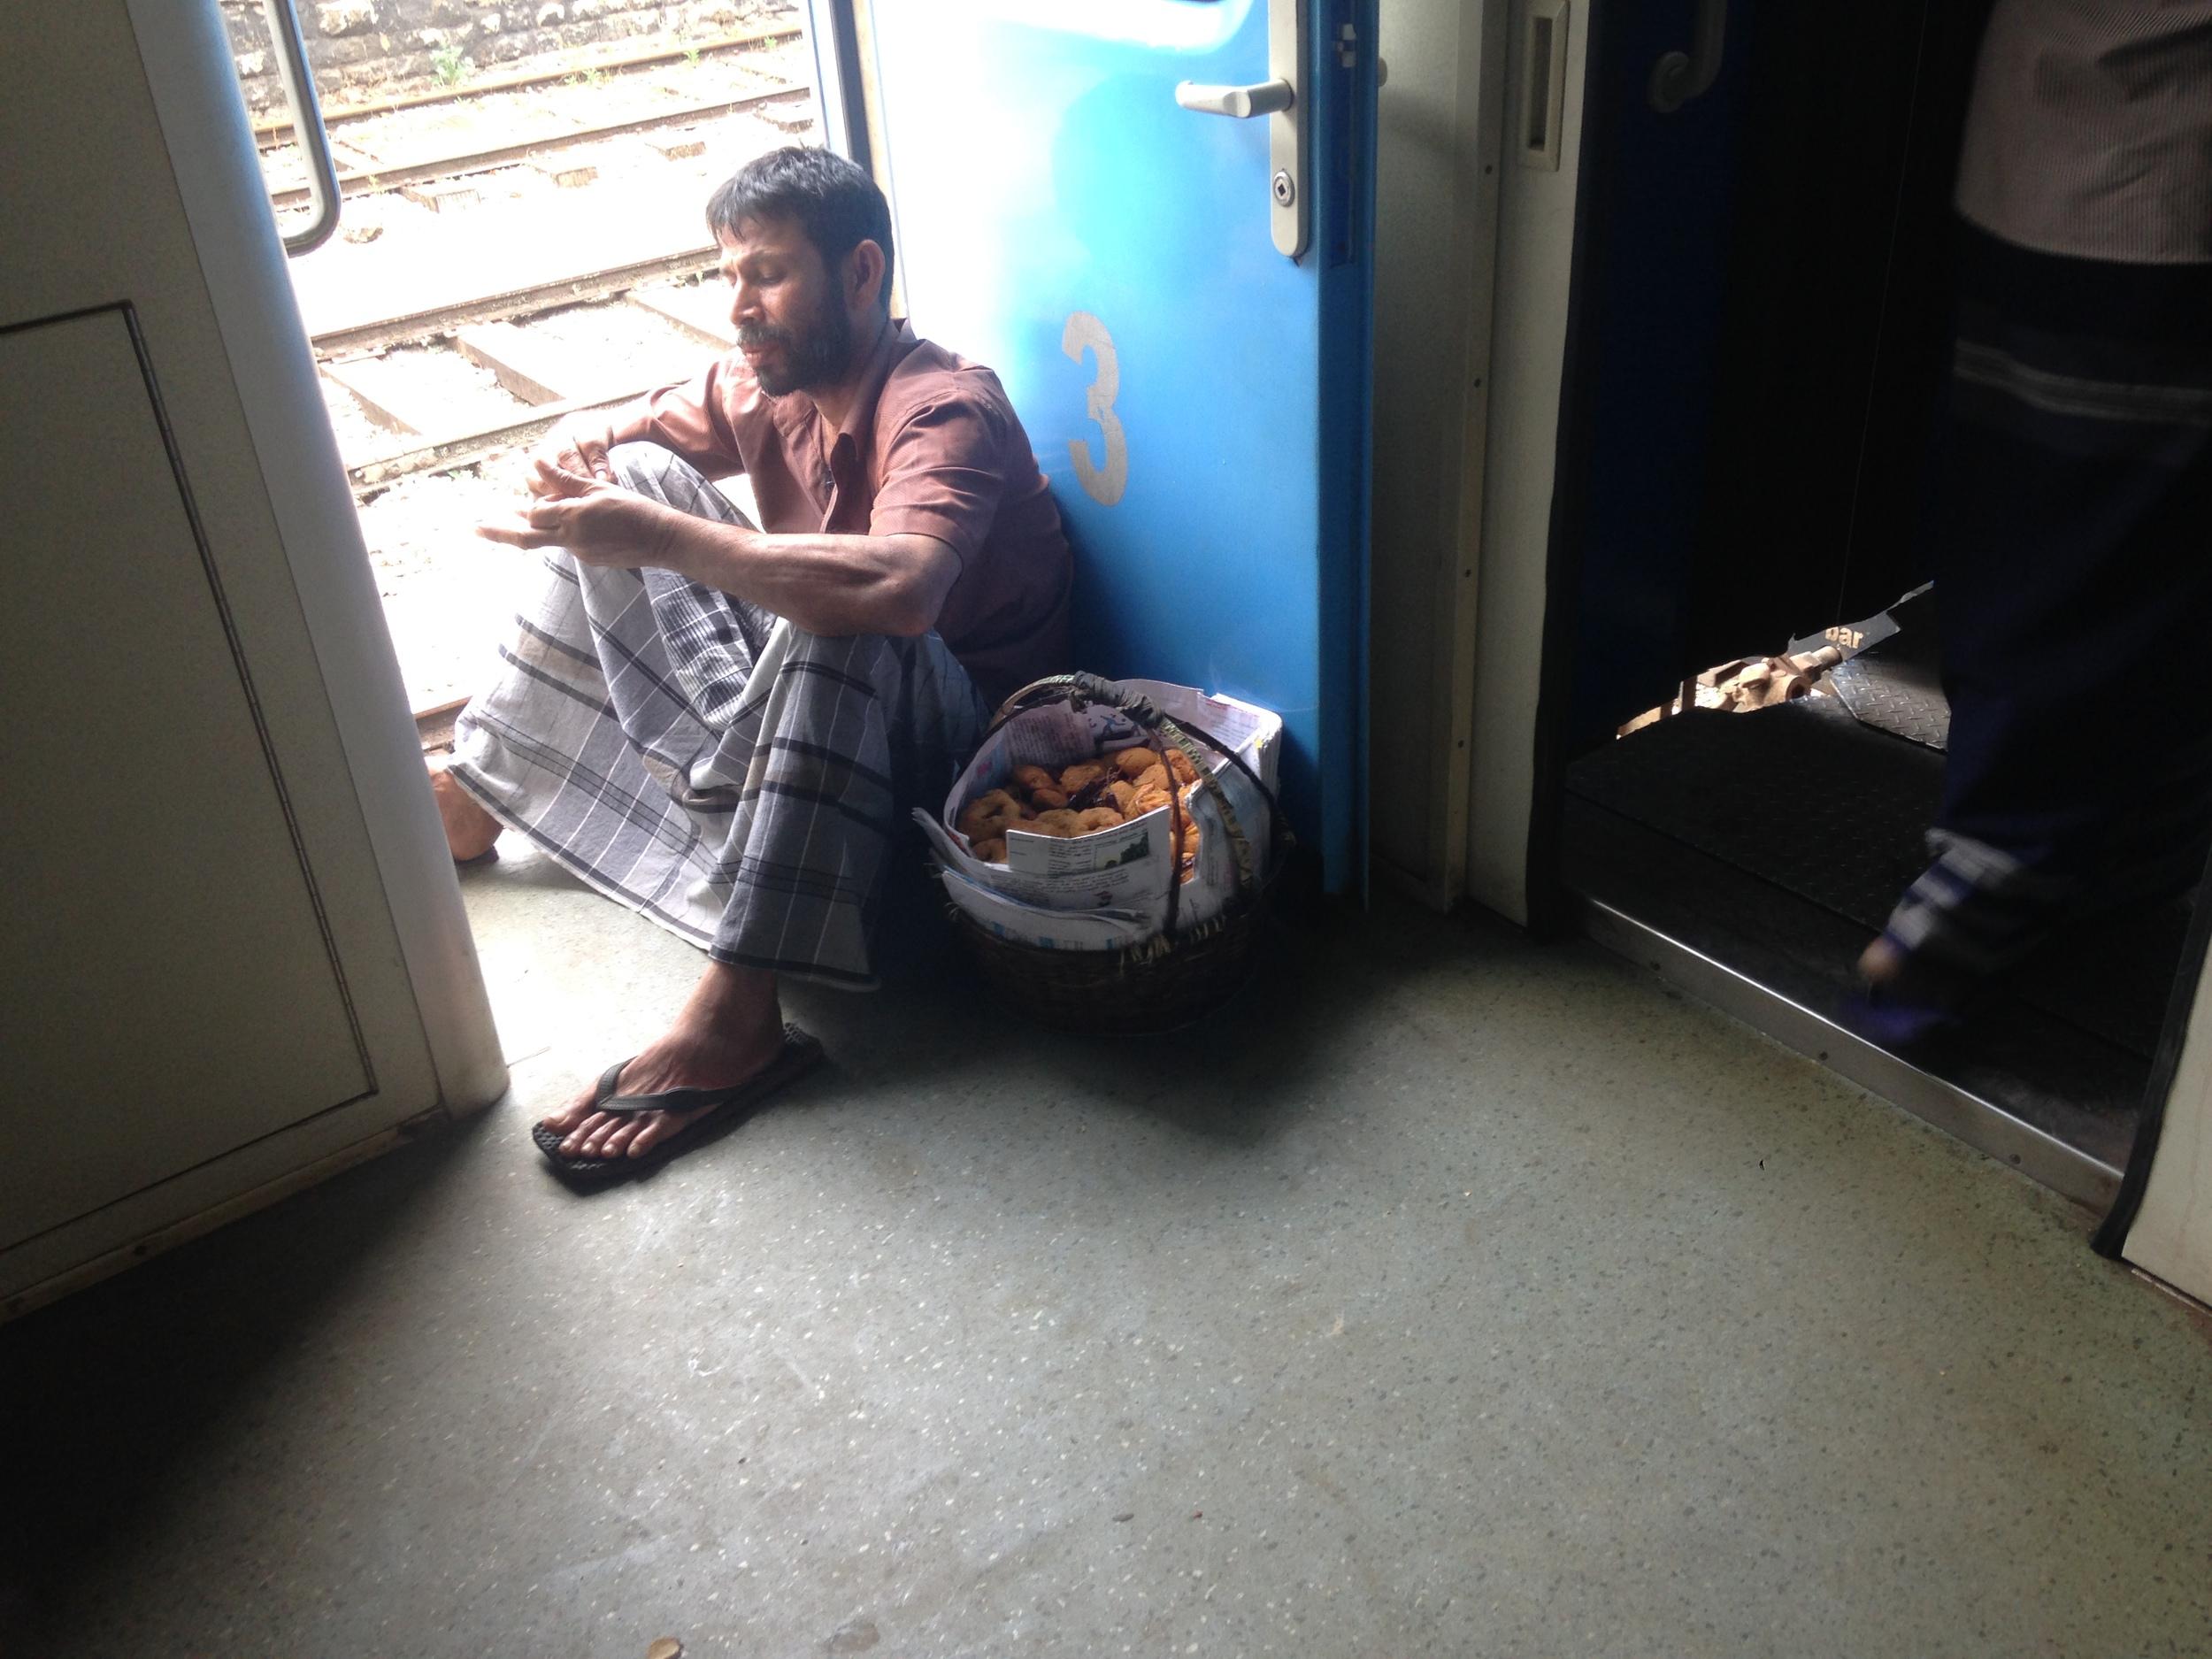 A vendor taking a break on the train.